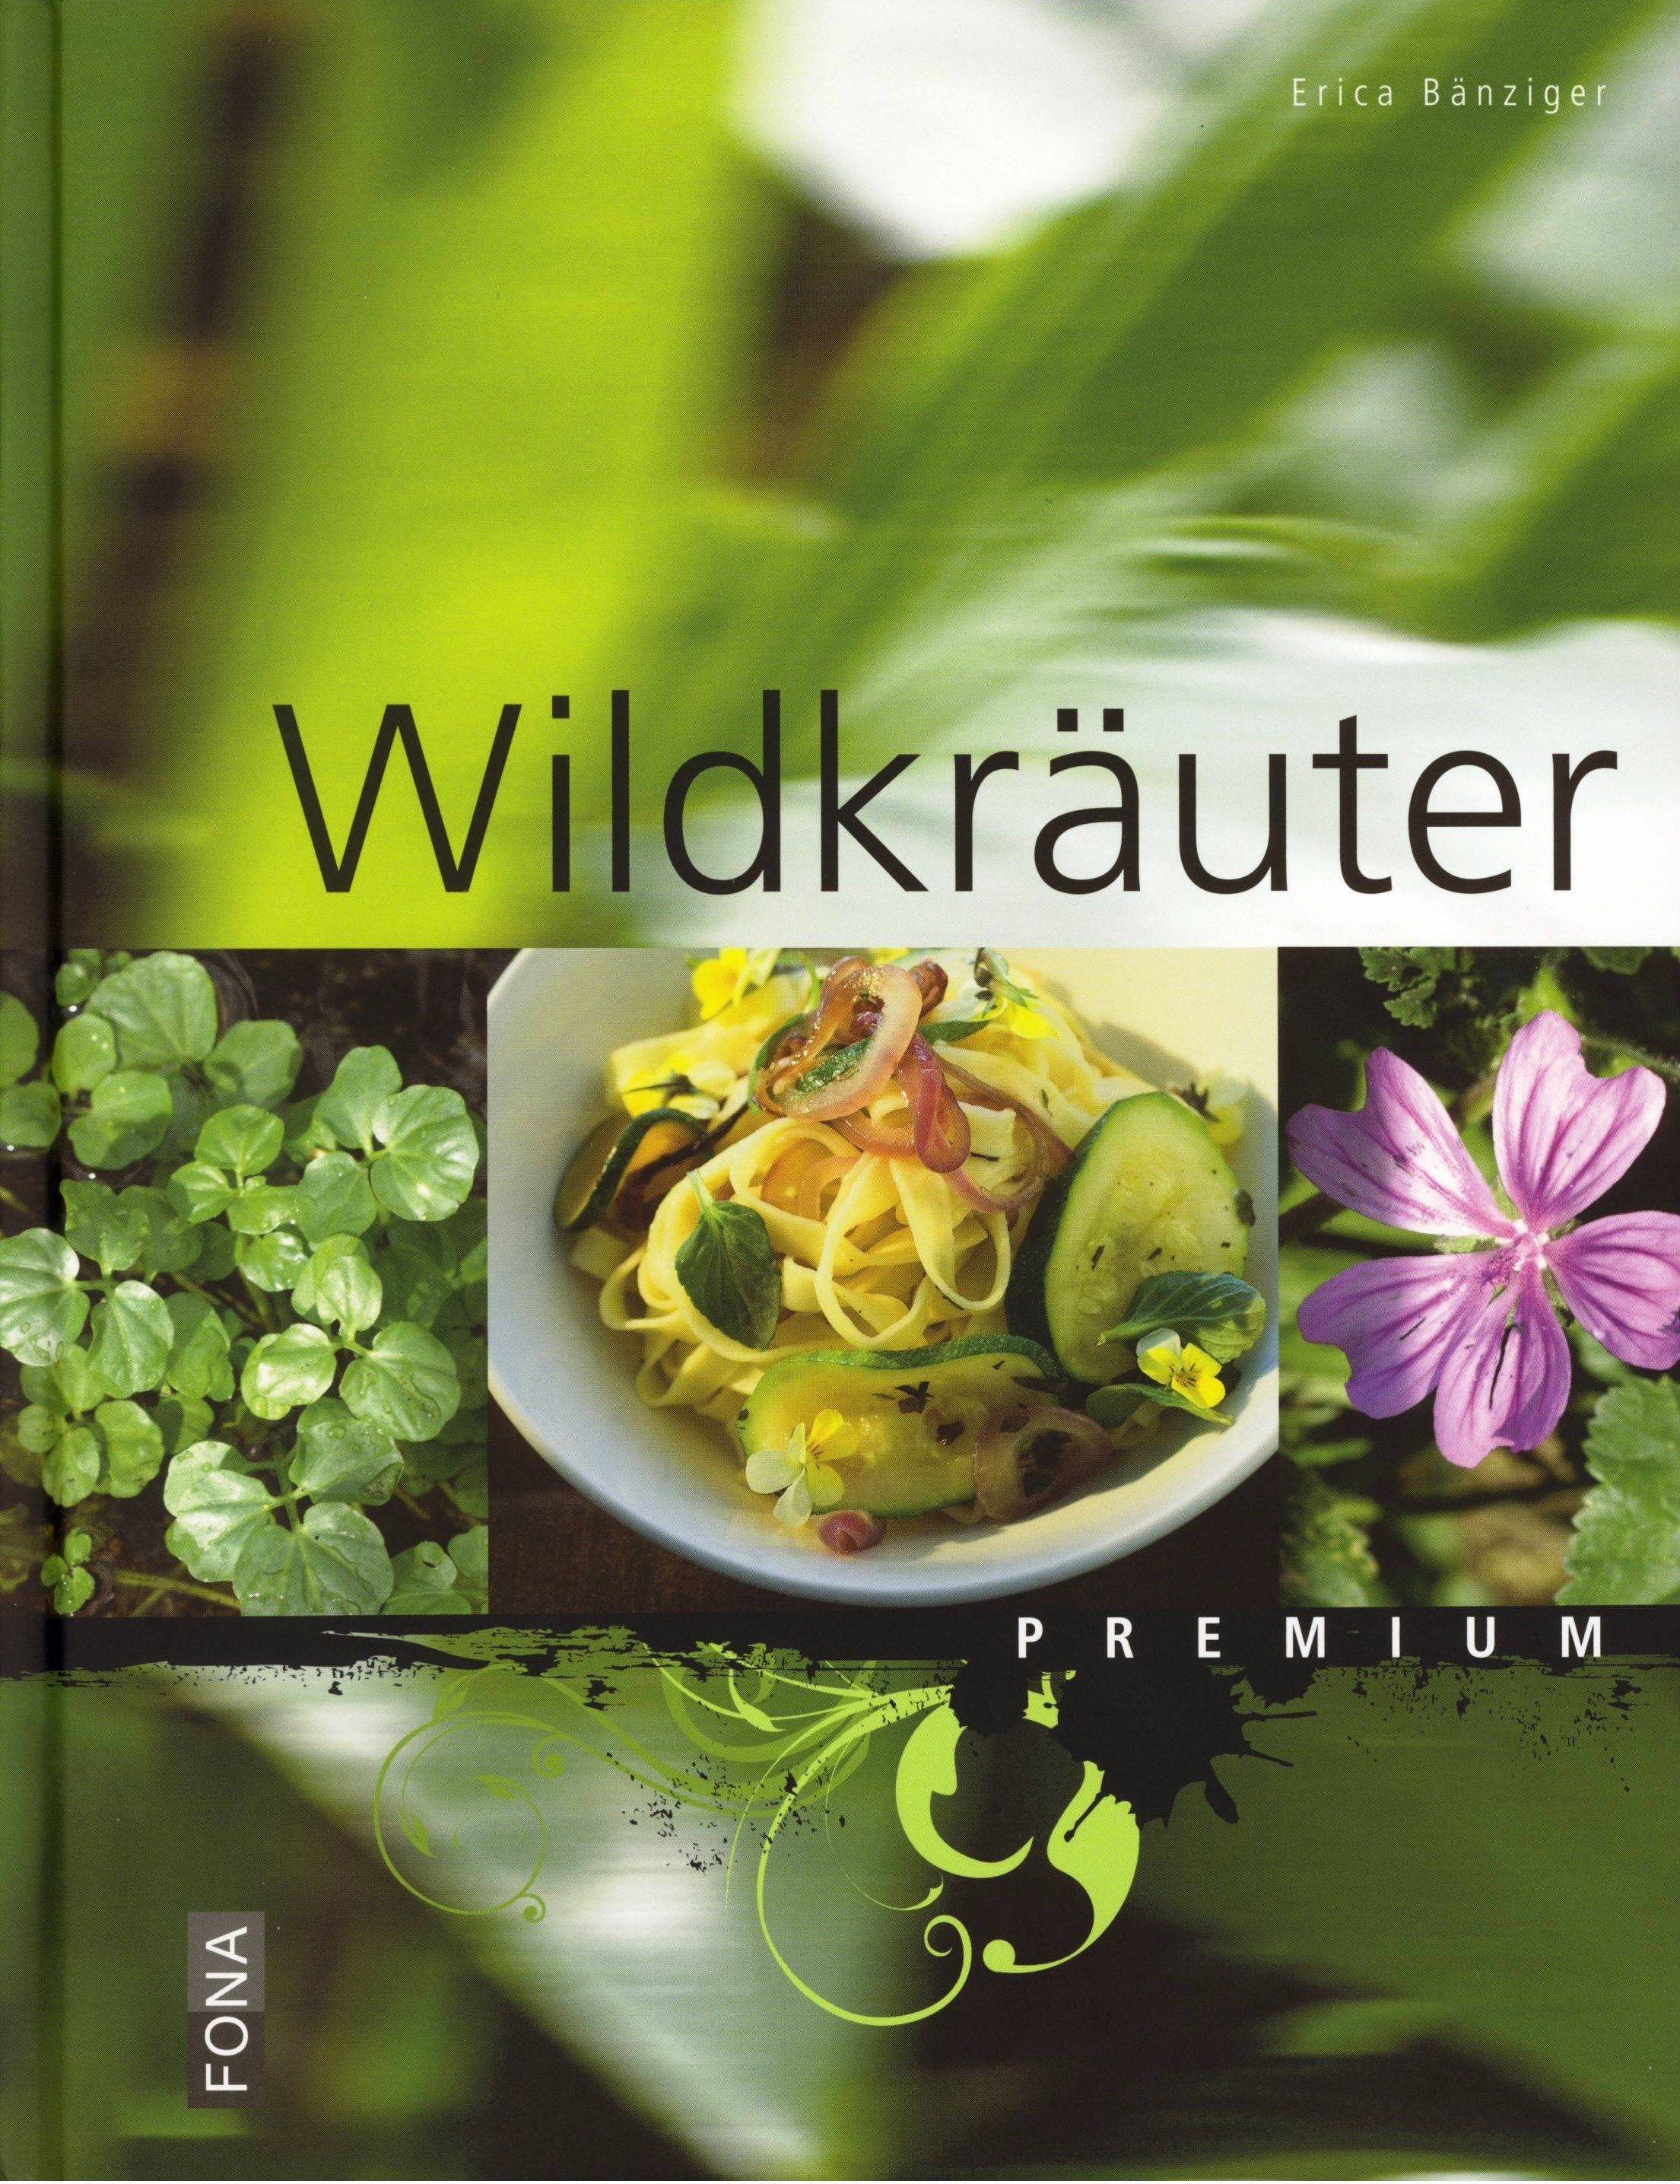 (Omni) Wildkräuterküche - Lexikon und Rezepte von Erika Bänziger, Fona 2008